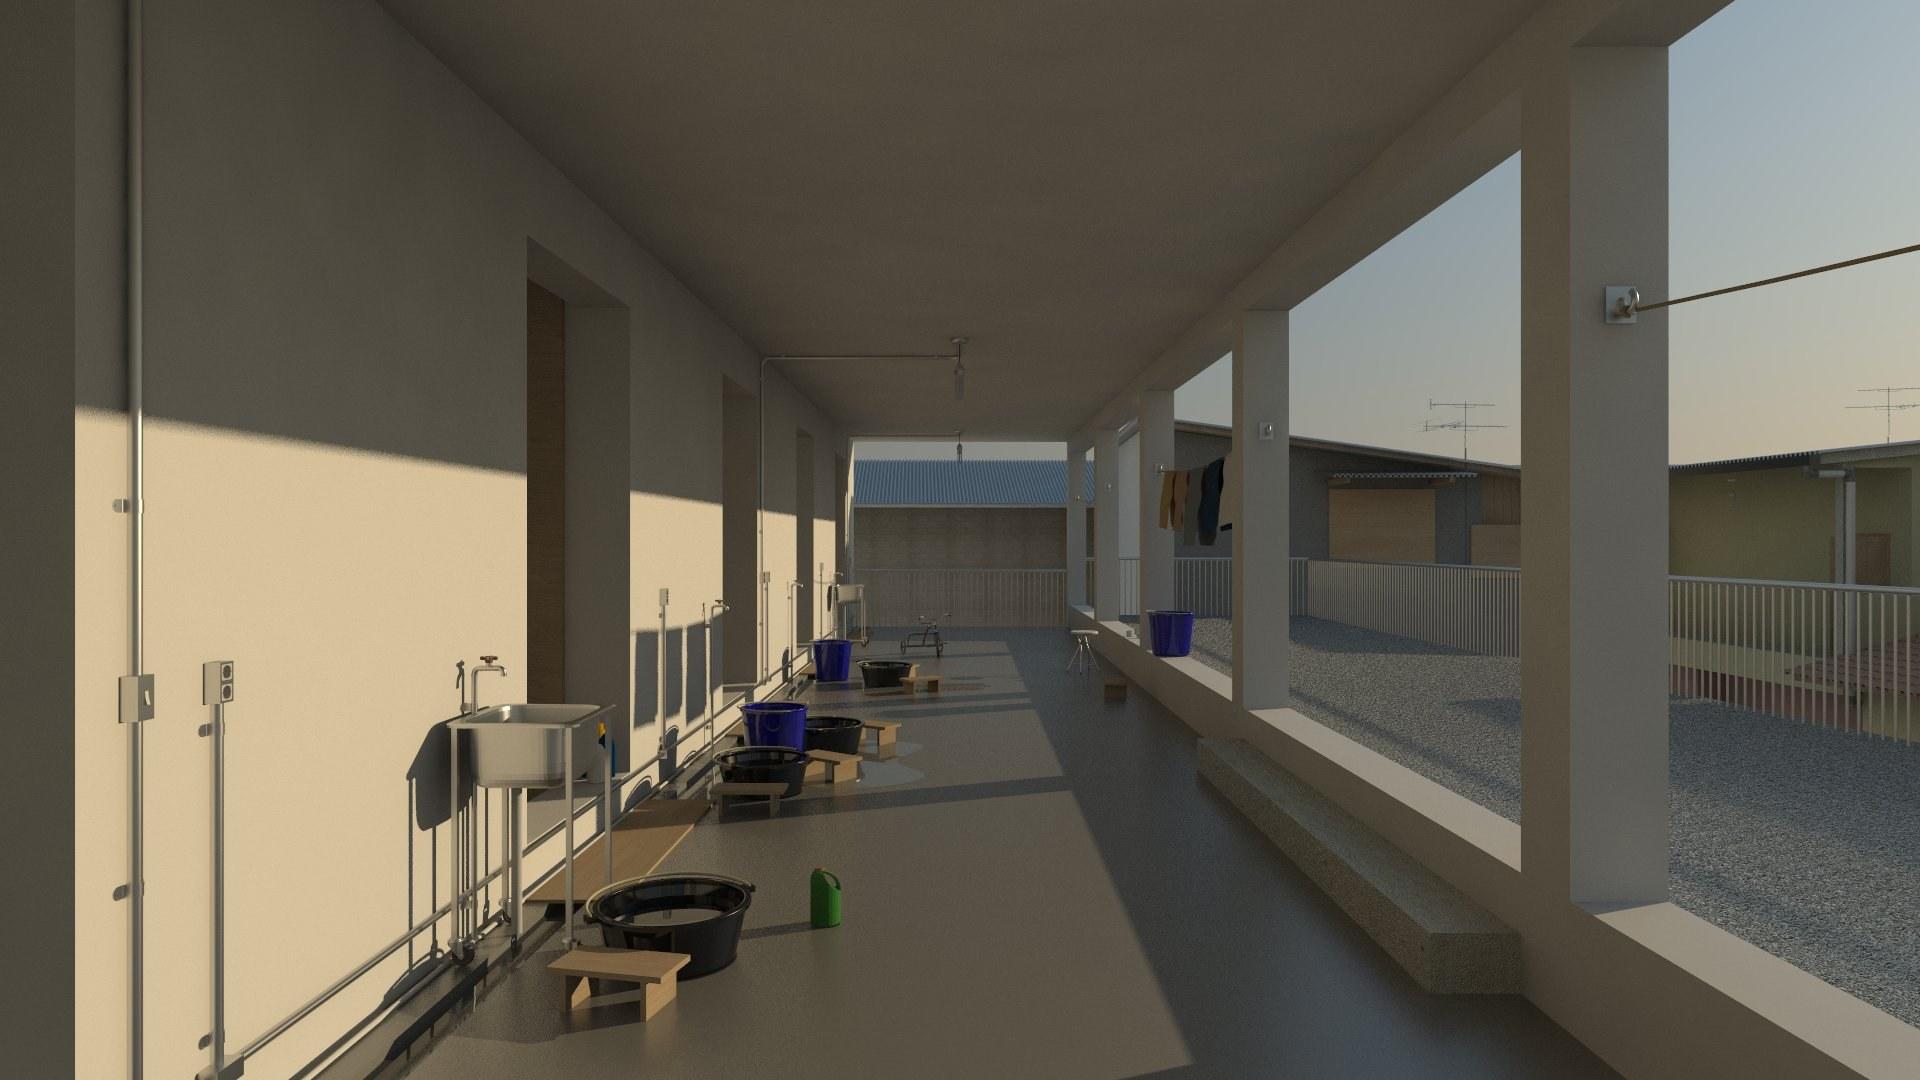 The Verandah as a Laundry Room